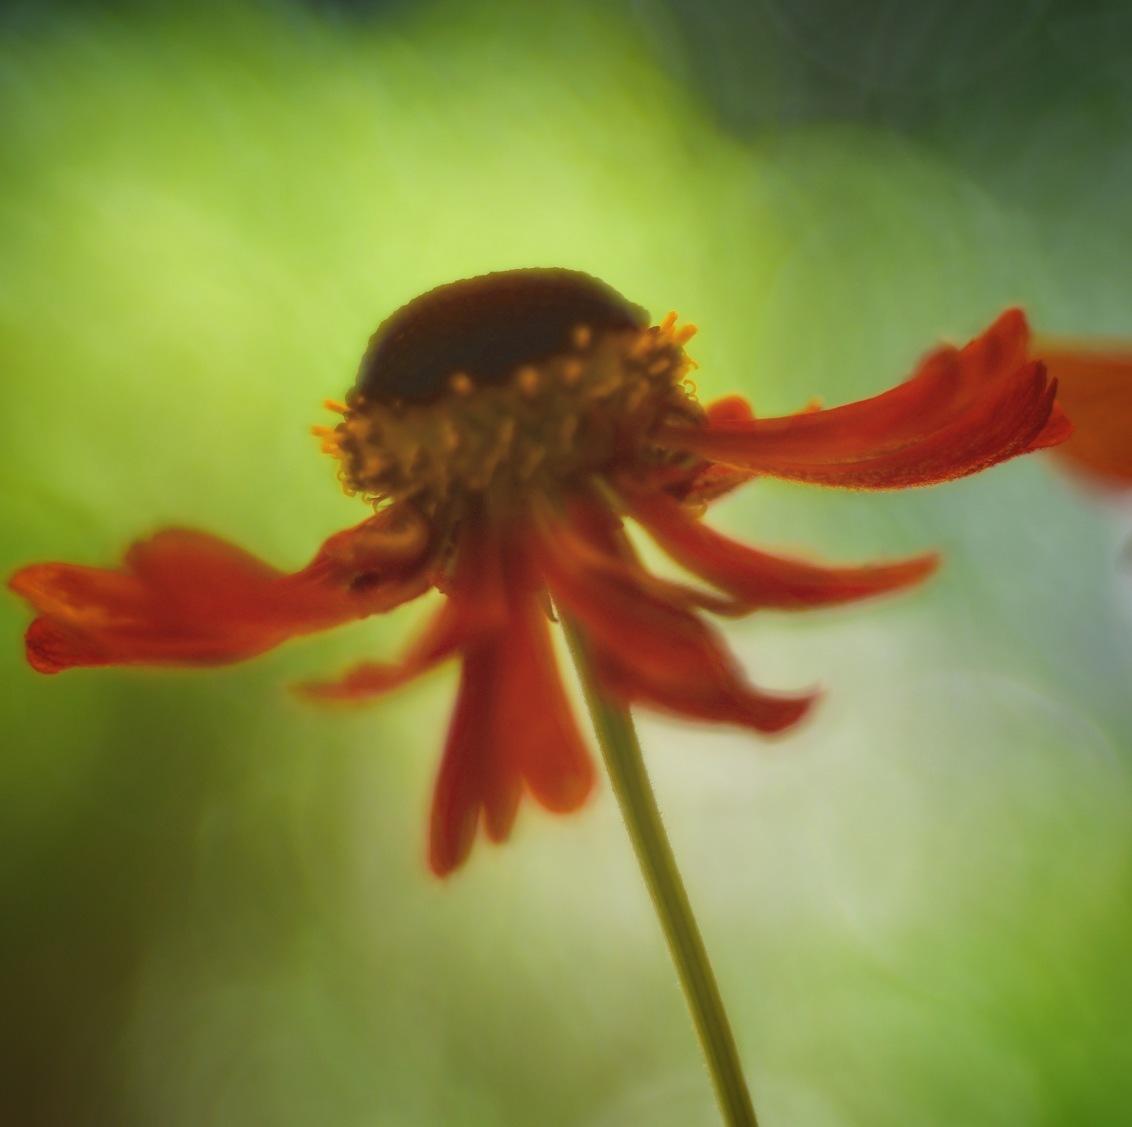 71218906-0056-4A63-A098-5A20671C8EC8 - Echinacea ! - foto door Suzanvdw op 11-07-2018 - deze foto bevat: zone hoed echinacea